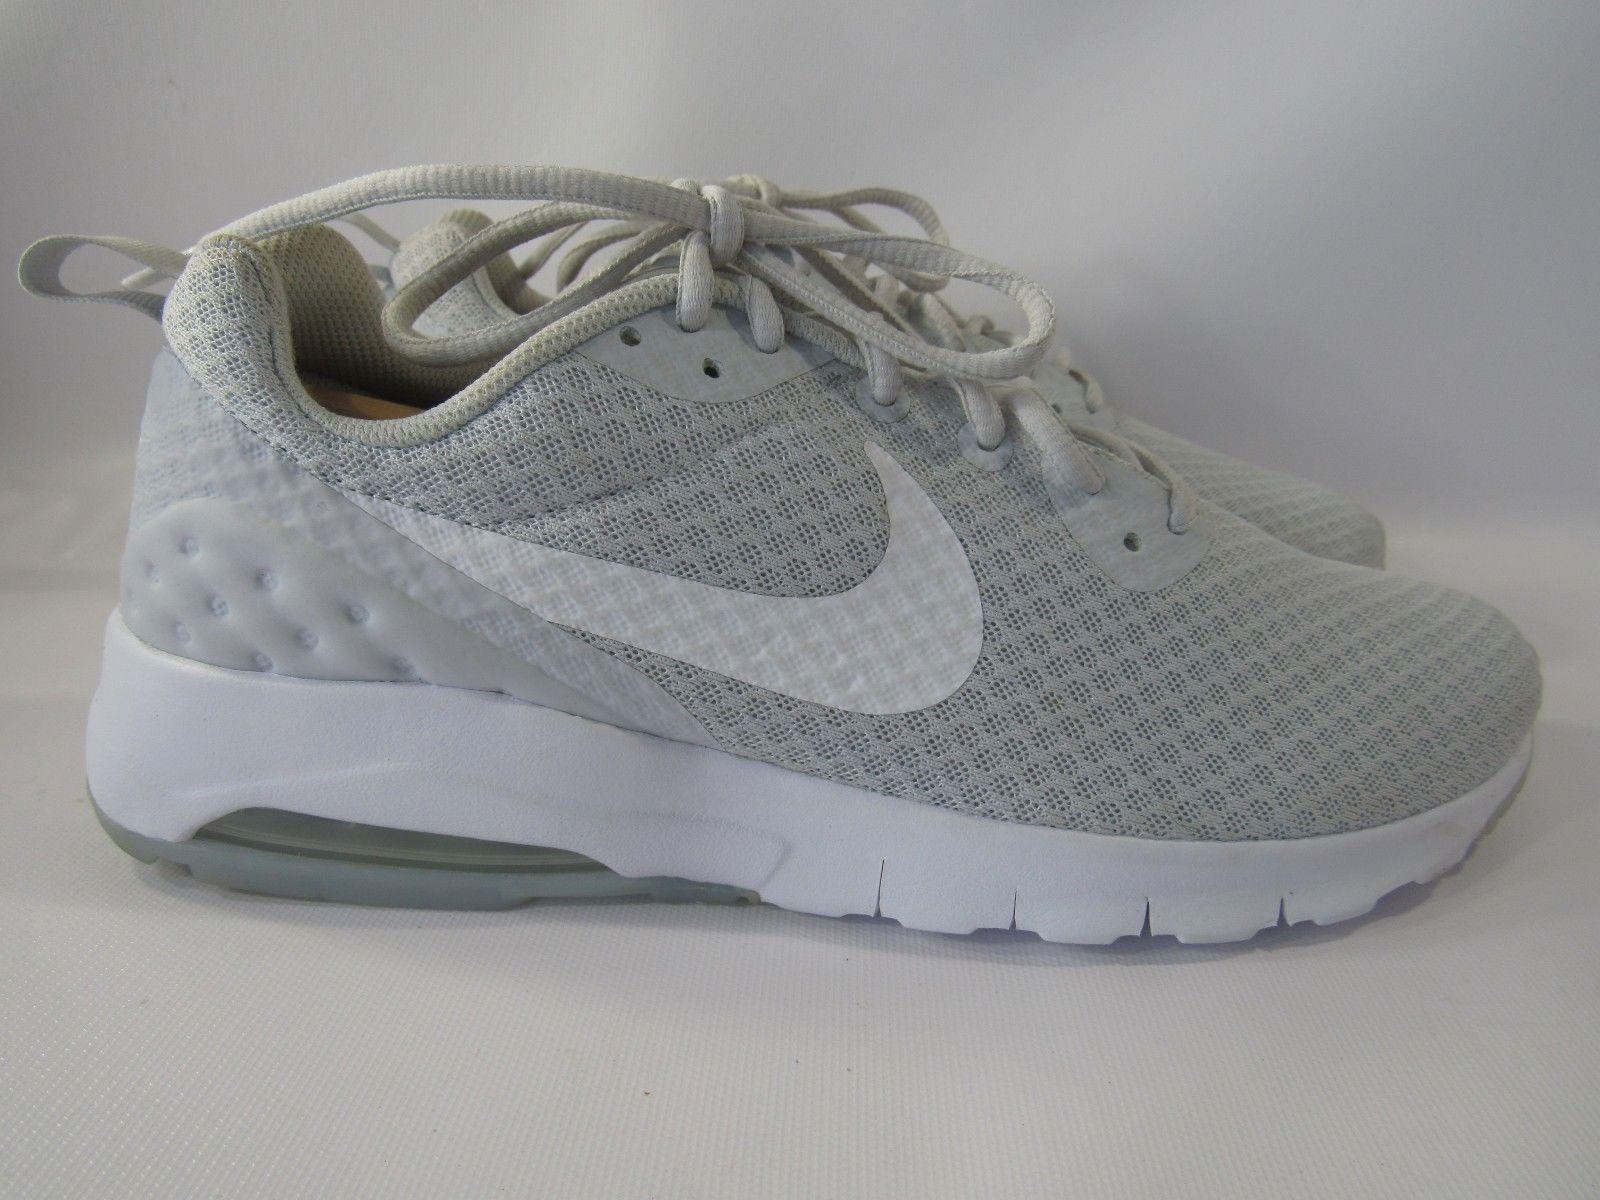 Nike Air Max Motion 833662 010 SZ 10 and 50 similar items